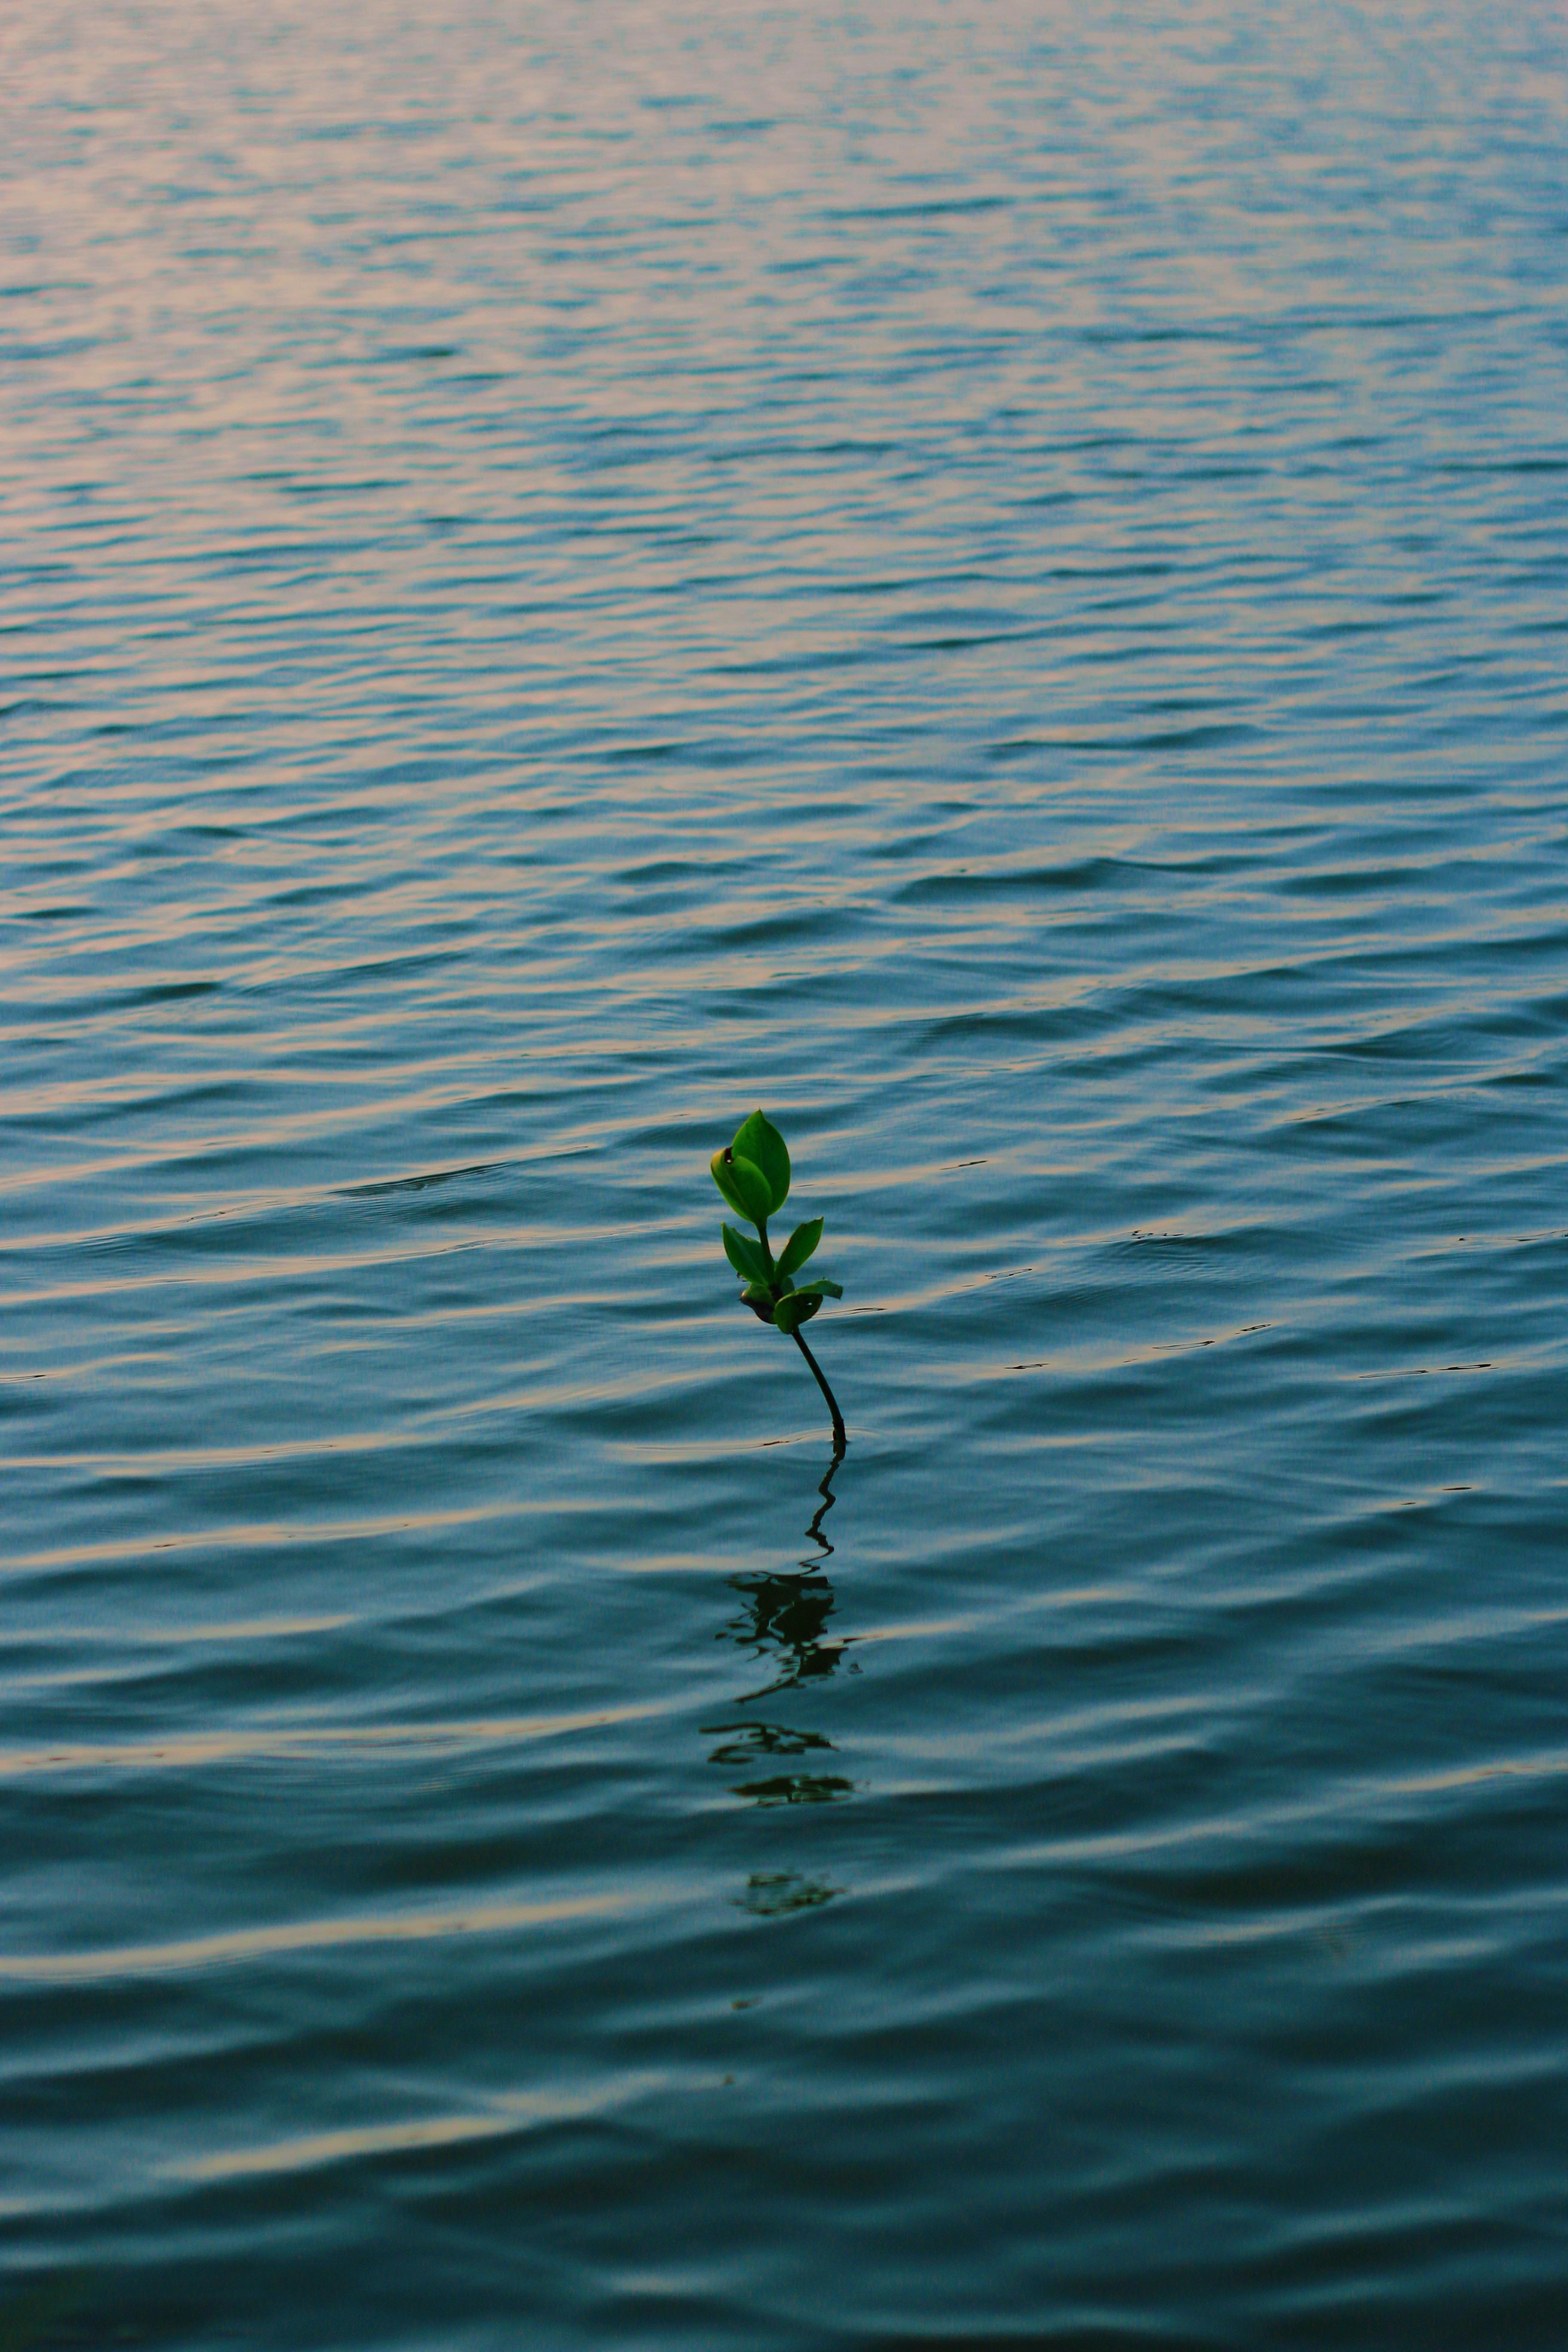 136949 Заставки и Обои Волны на телефон. Скачать Природа, Ветка, Вода, Растение, Волны картинки бесплатно